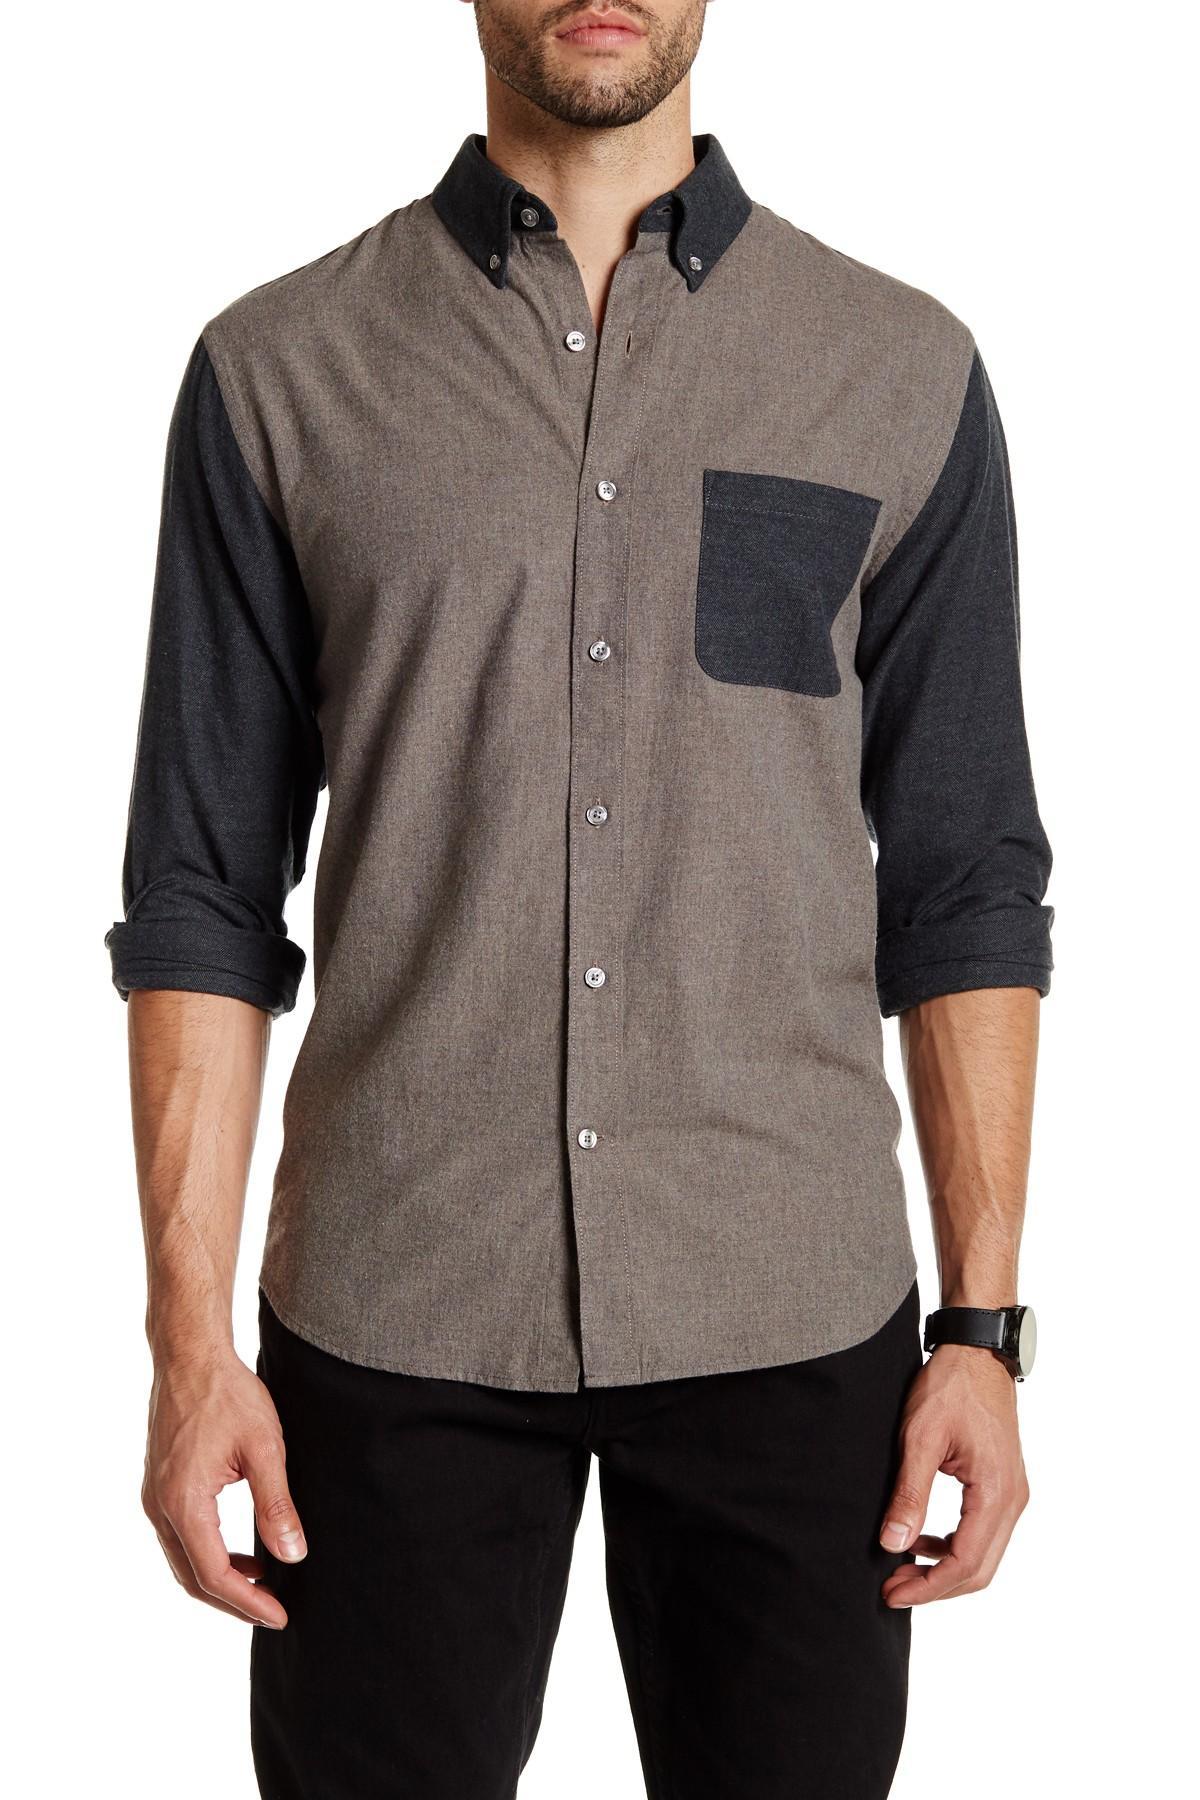 Lands End Herringbone Long Sleeve Regular Fit Shirt In